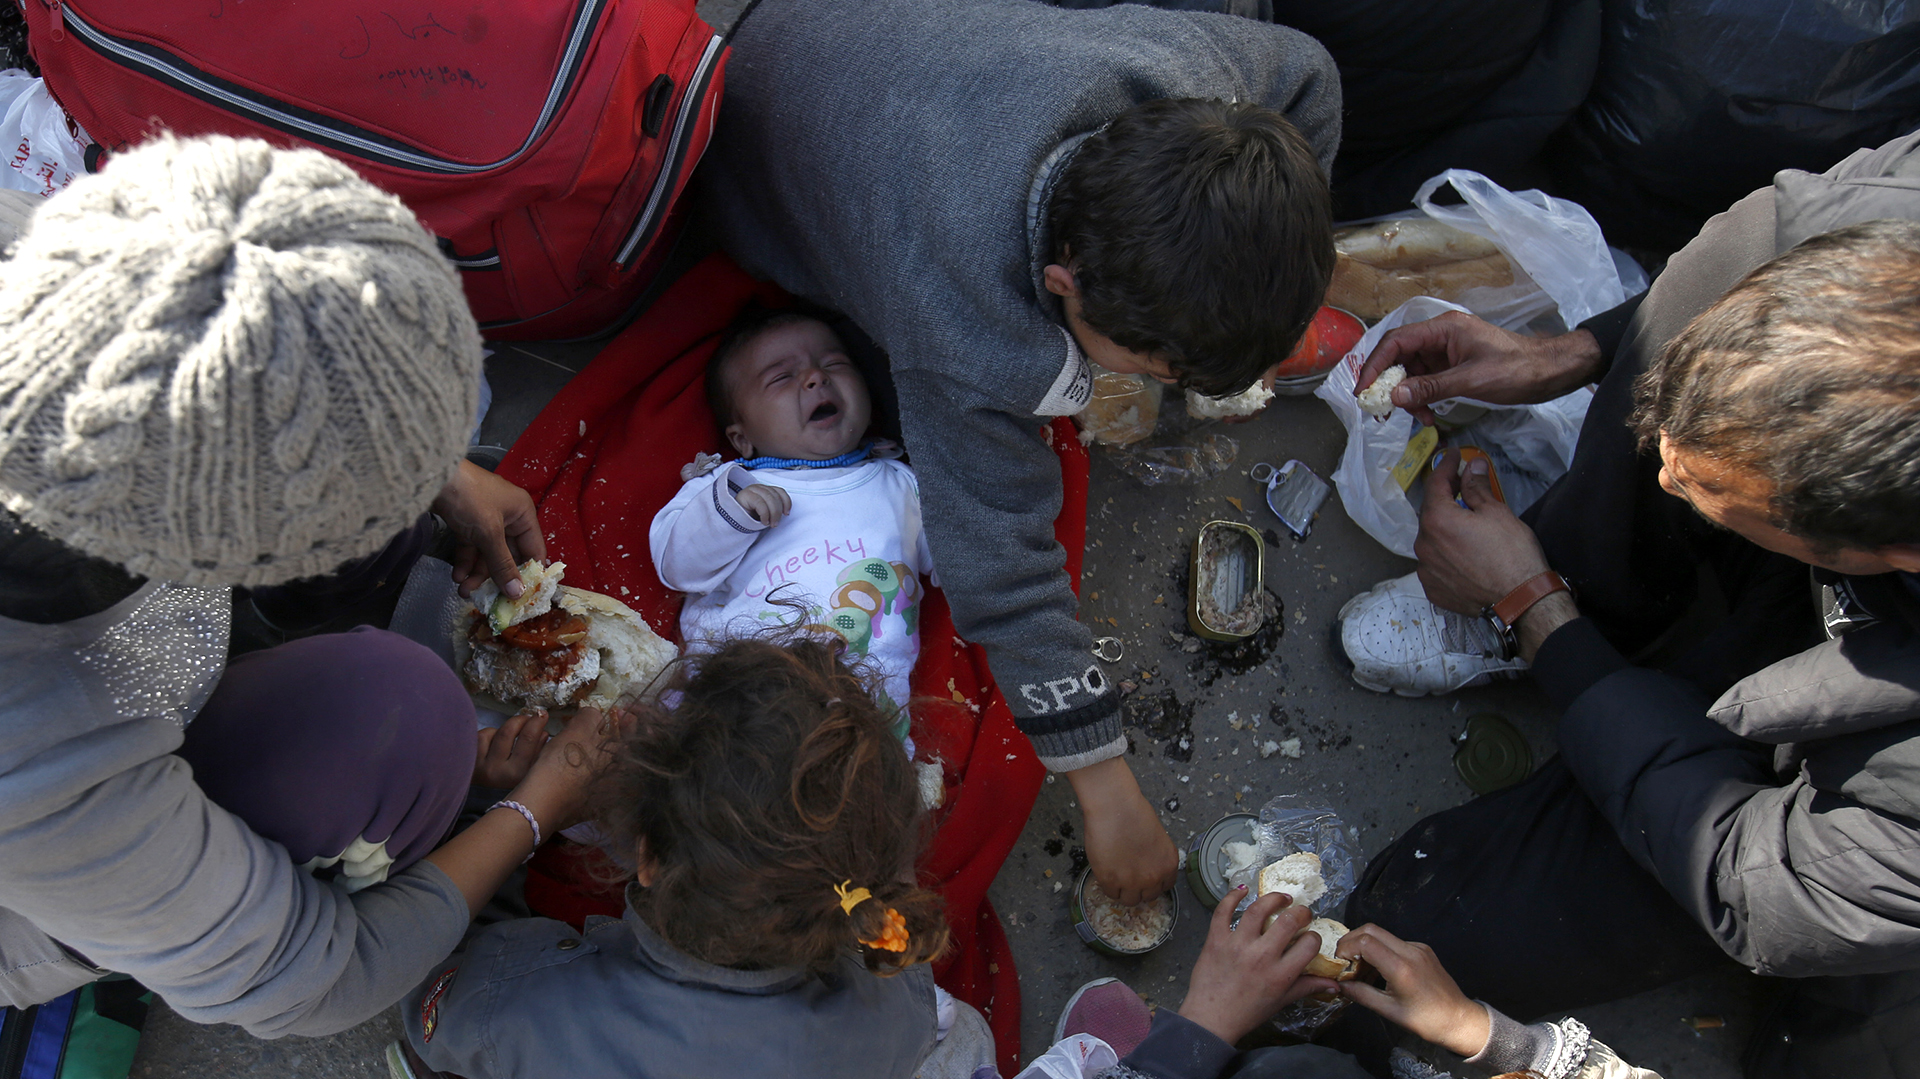 Migrantes comen mientras esperan para registrarse en un centro de refugiados de la ciudad de Presevo, al sur de Serbia. (AP/Darko Vojinovic)